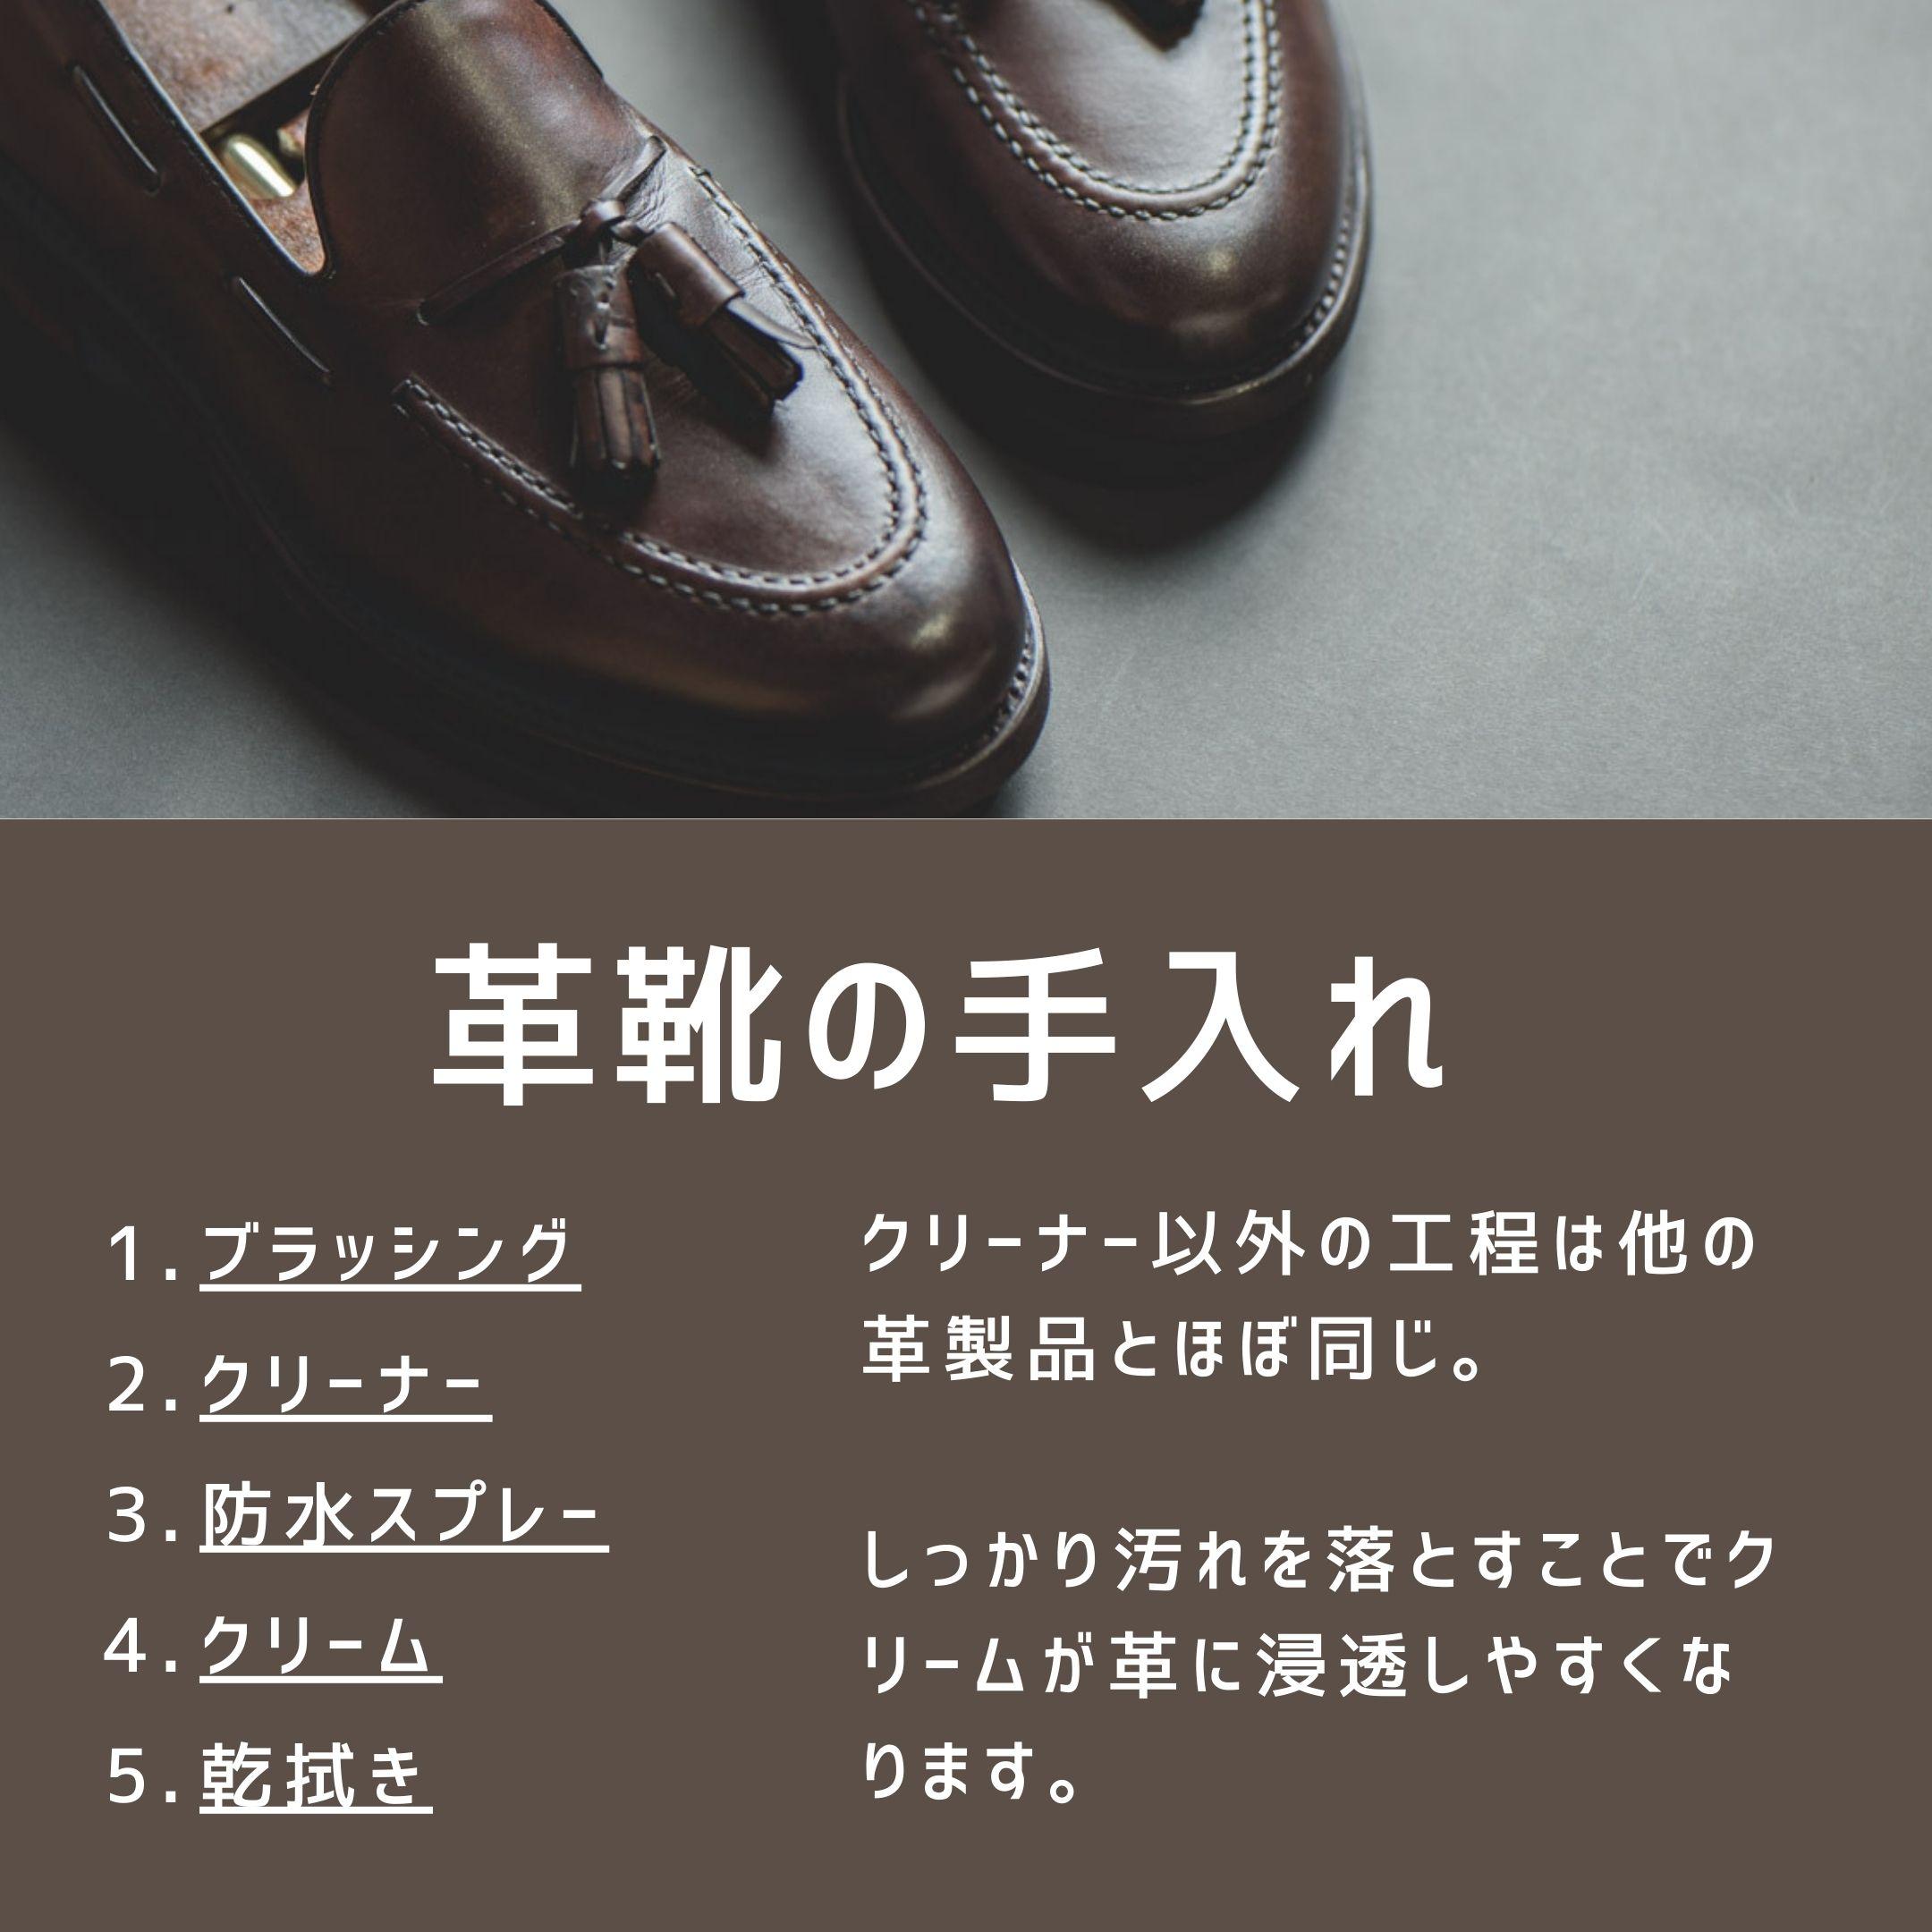 革靴のお手入れの基本